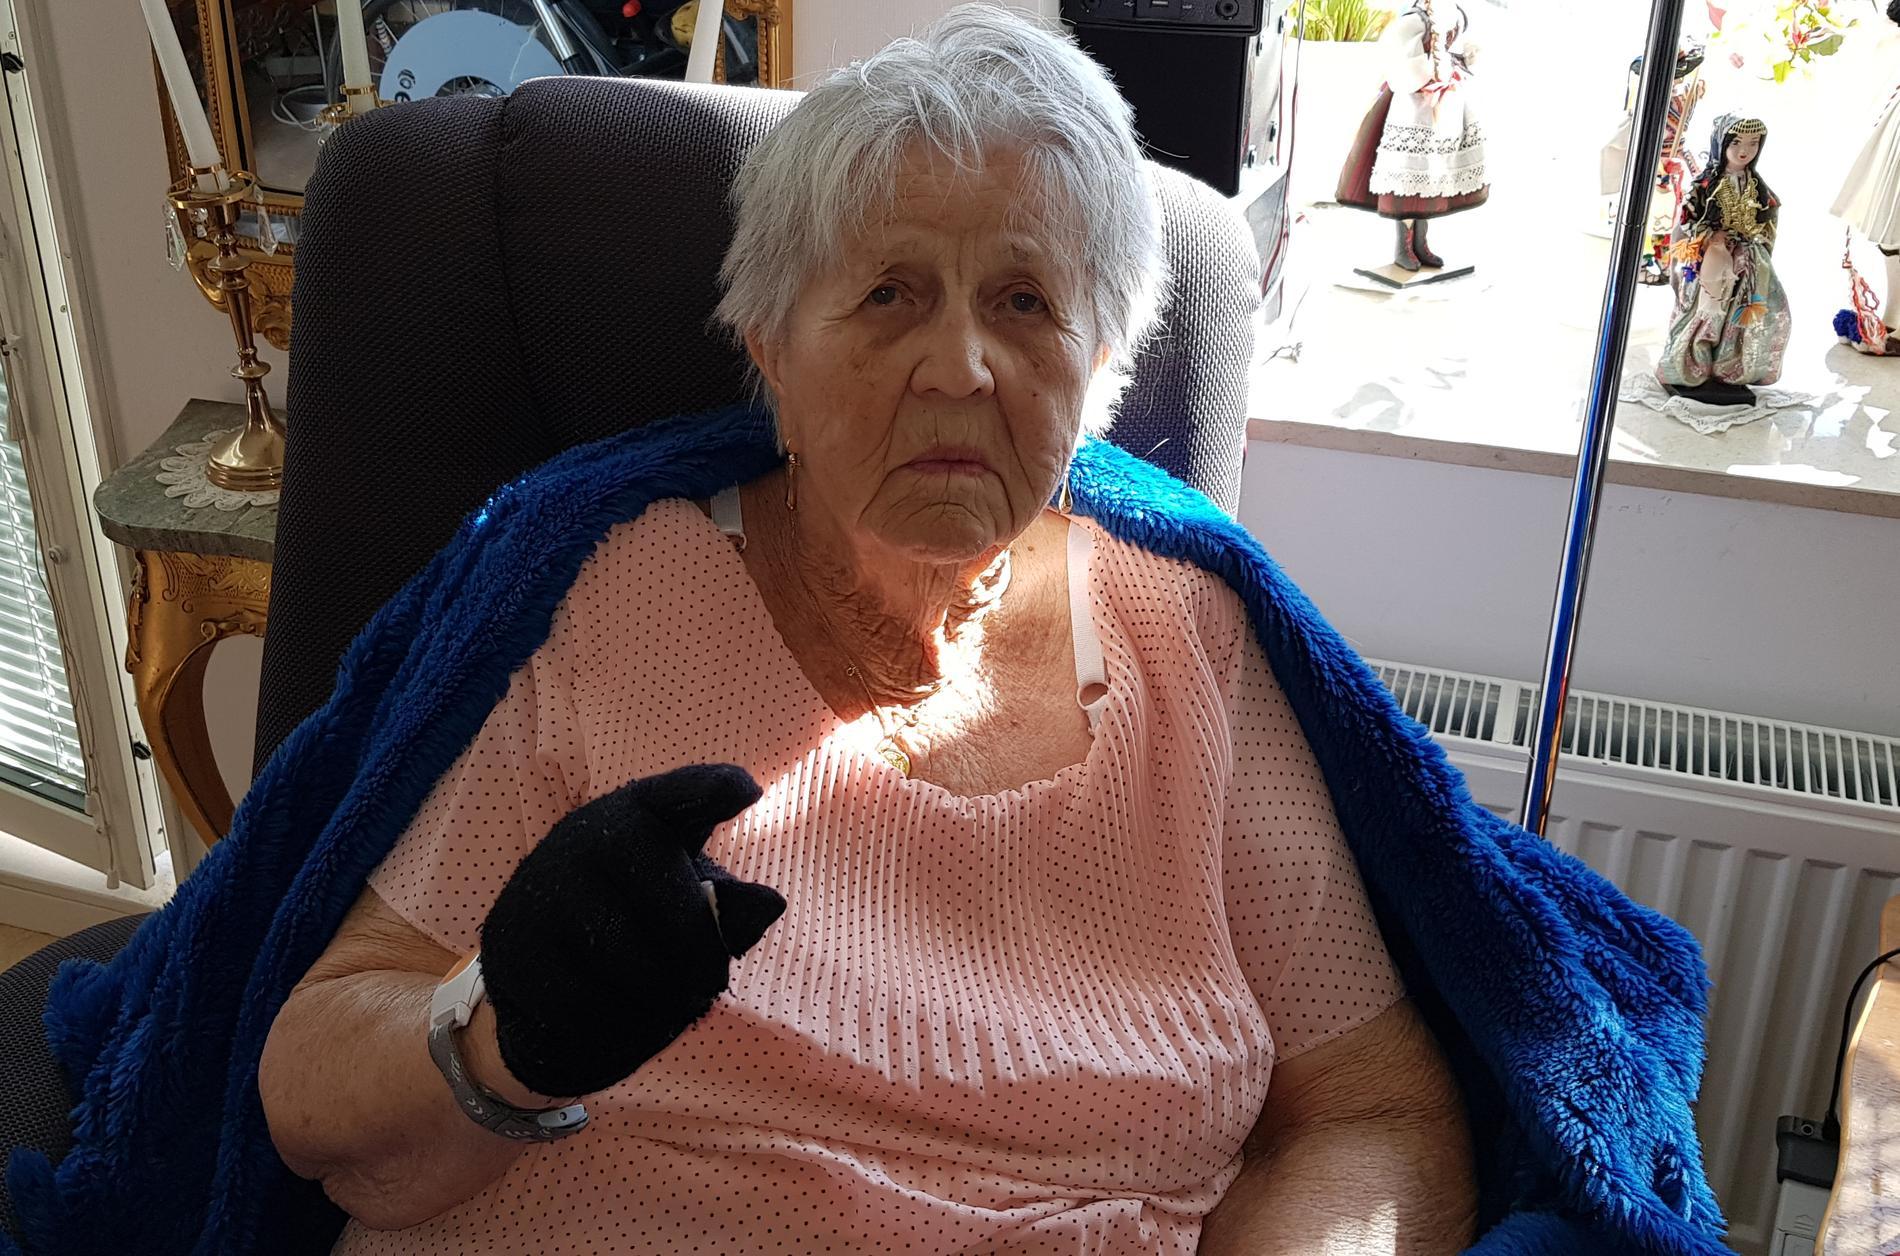 """""""Det är bara så himla tråkigt. Det är kära minnen. Ringen efter min far var min käraste ägodel"""", säger Birgitta Wiberg, 99, som blev bestulen på alla sina smycken under tiden som äldreboendet hölls stängt för besök på grund av smittorisken."""